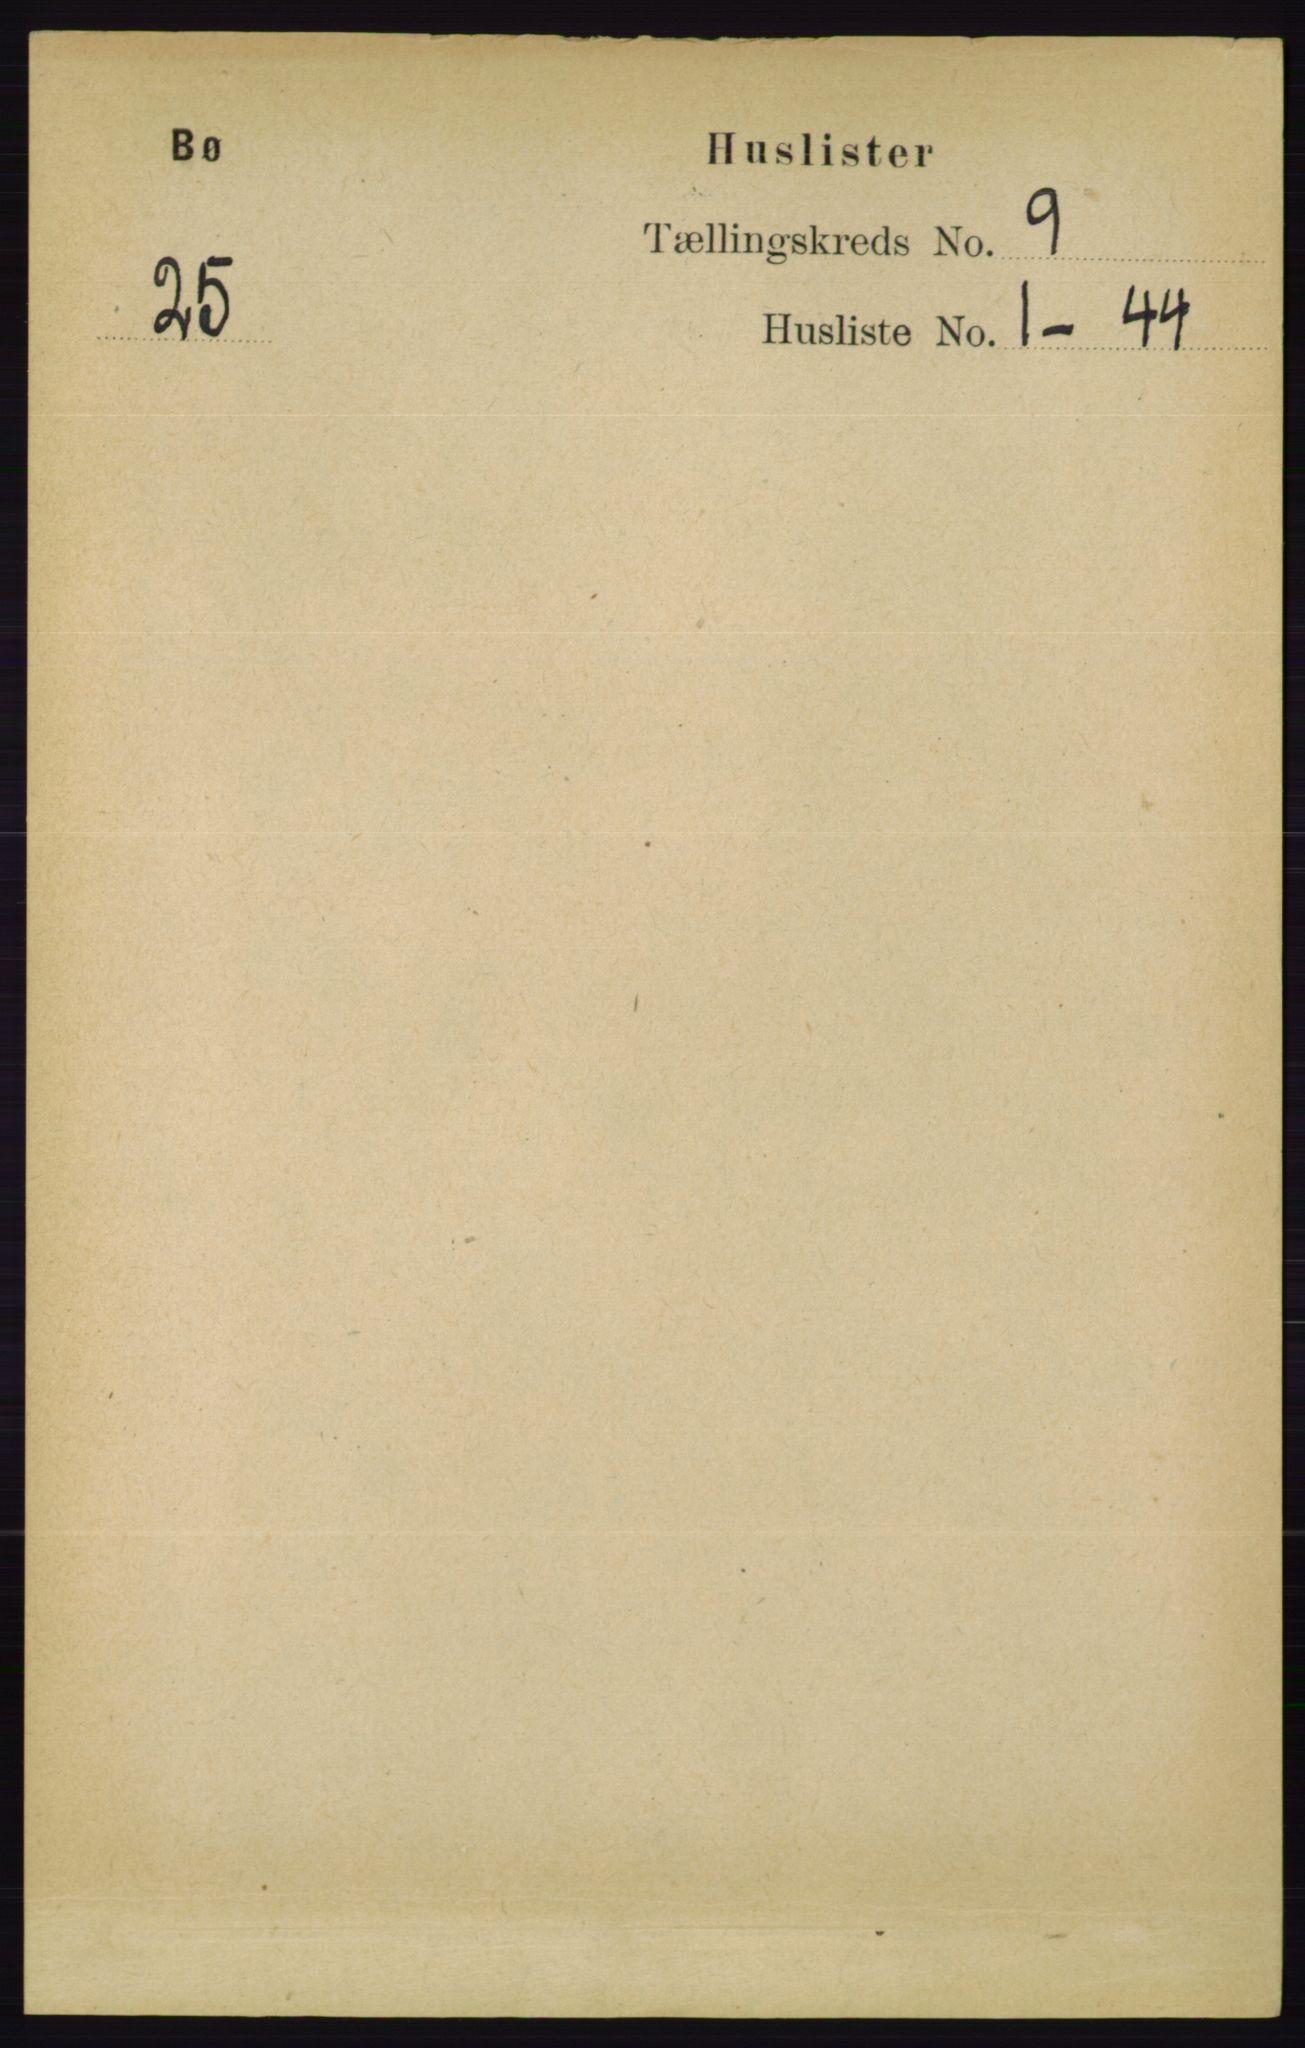 RA, Folketelling 1891 for 0821 Bø herred, 1891, s. 2833